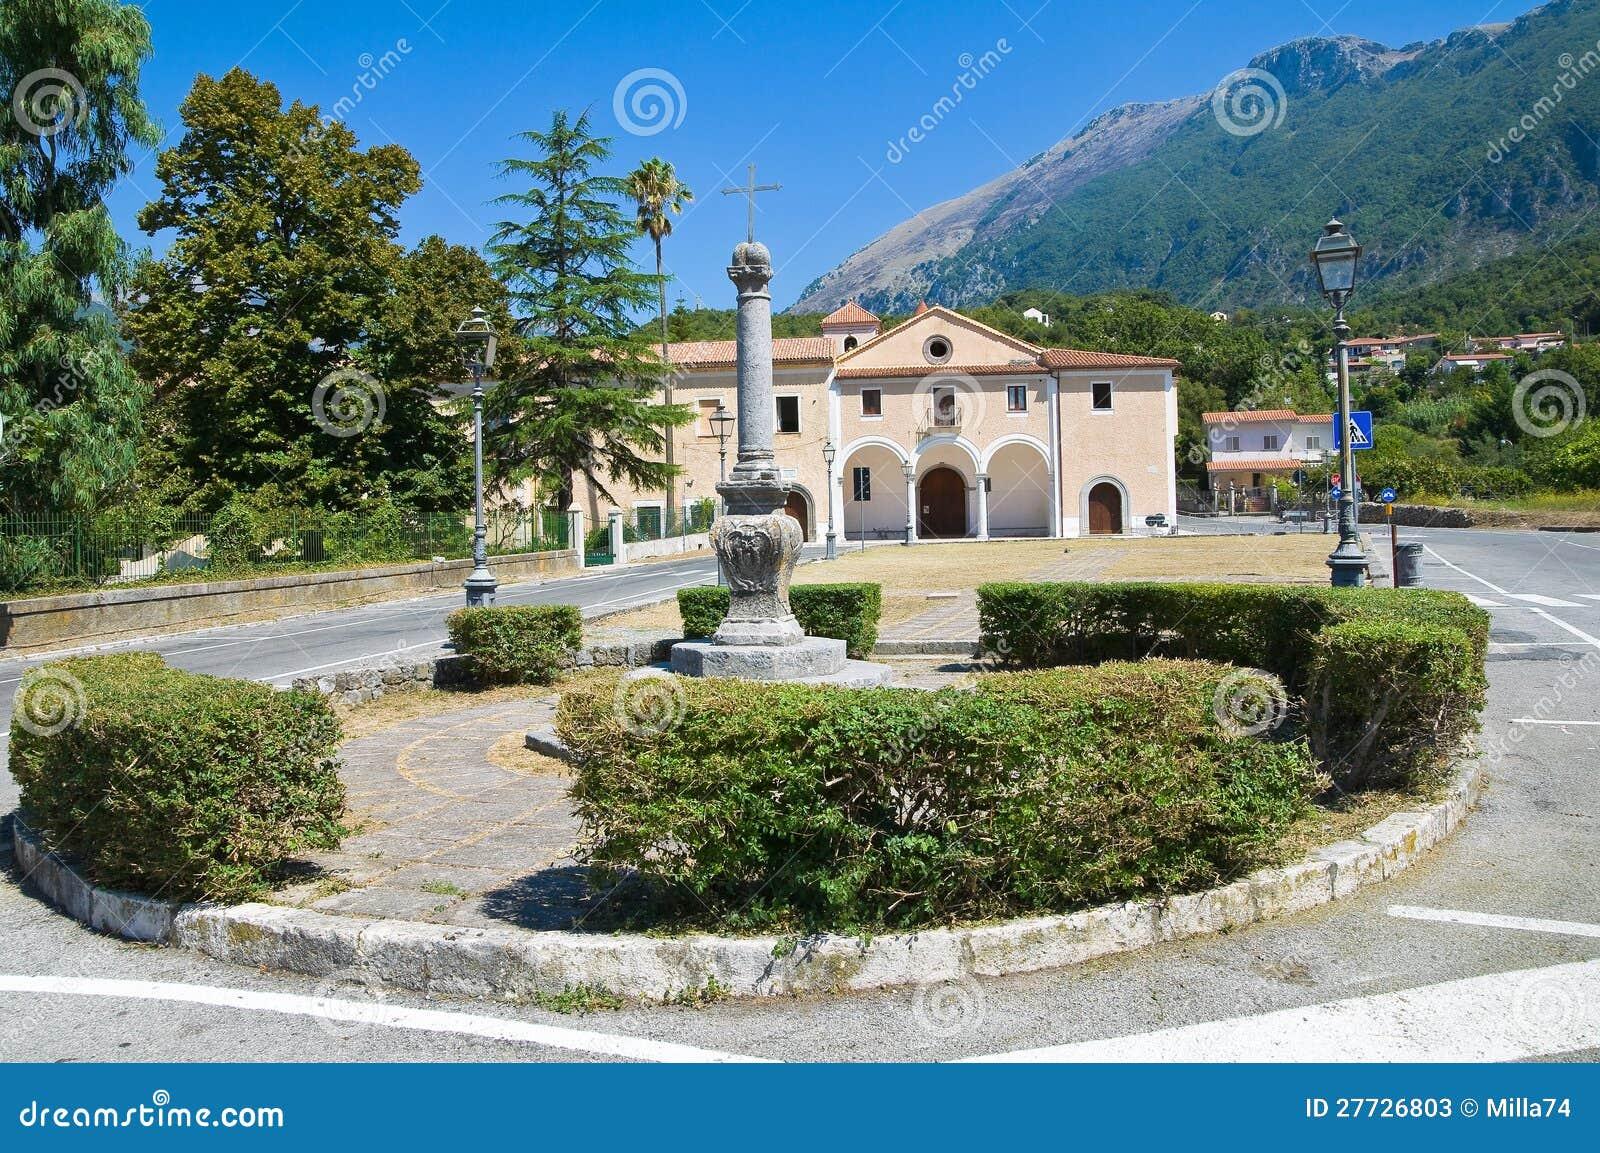 Kirche des Rosenbeetes. Maratea. Basilikata. Italien.